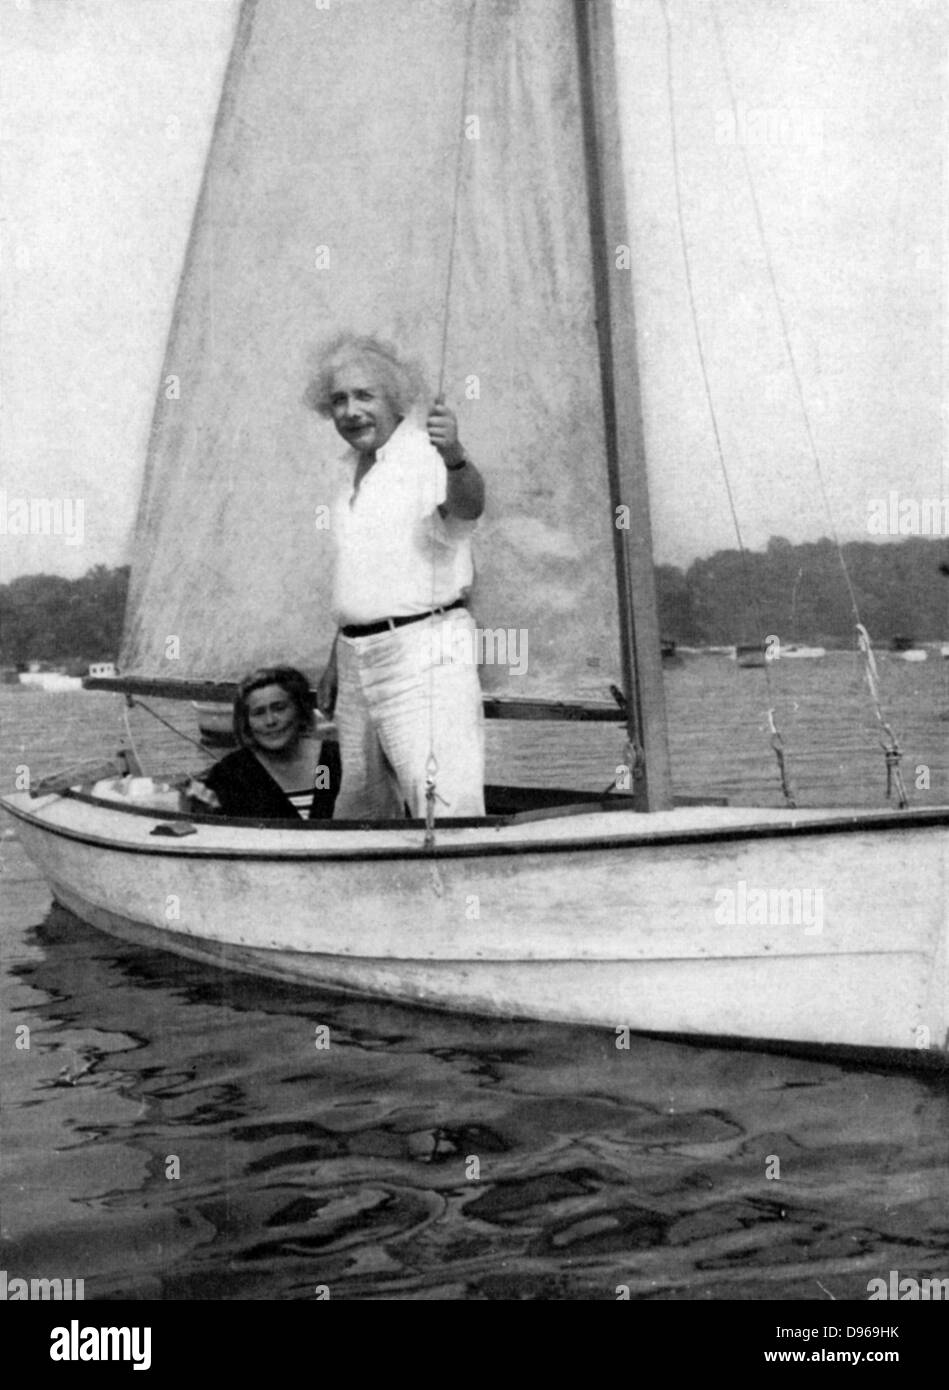 Albert Einstein (1879-1955) German-Swiss mathematician. Einstein sailing. - Stock Image